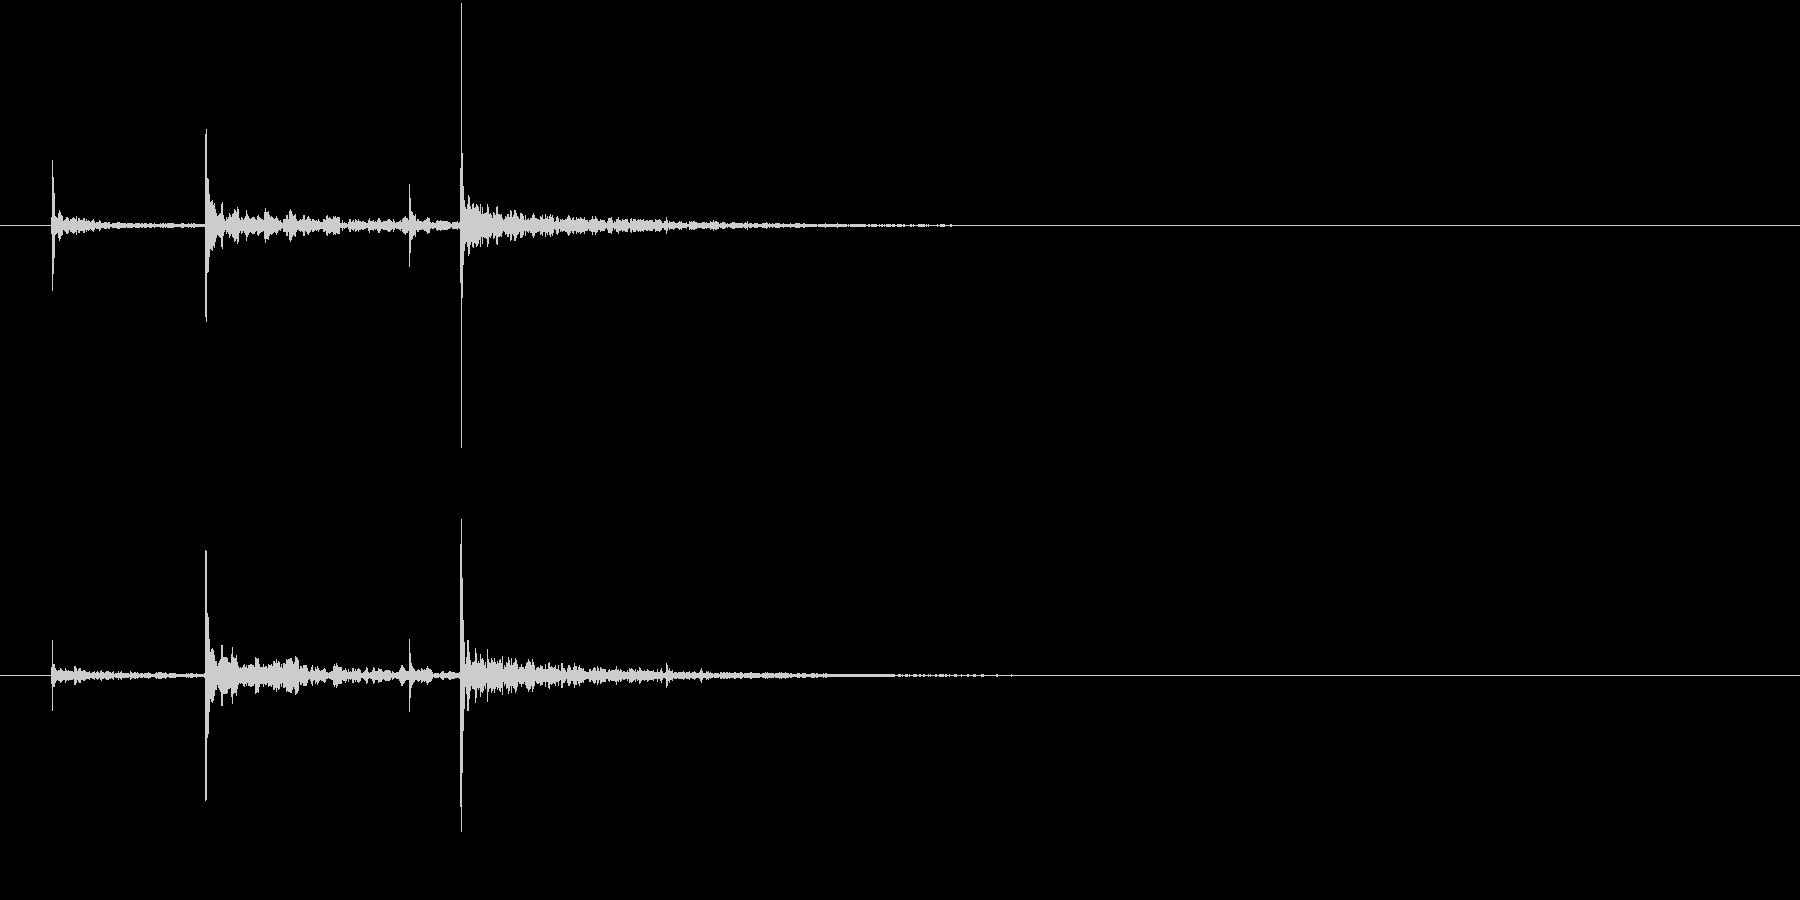 洞窟内で水滴が落ちる音(シンプル)の未再生の波形